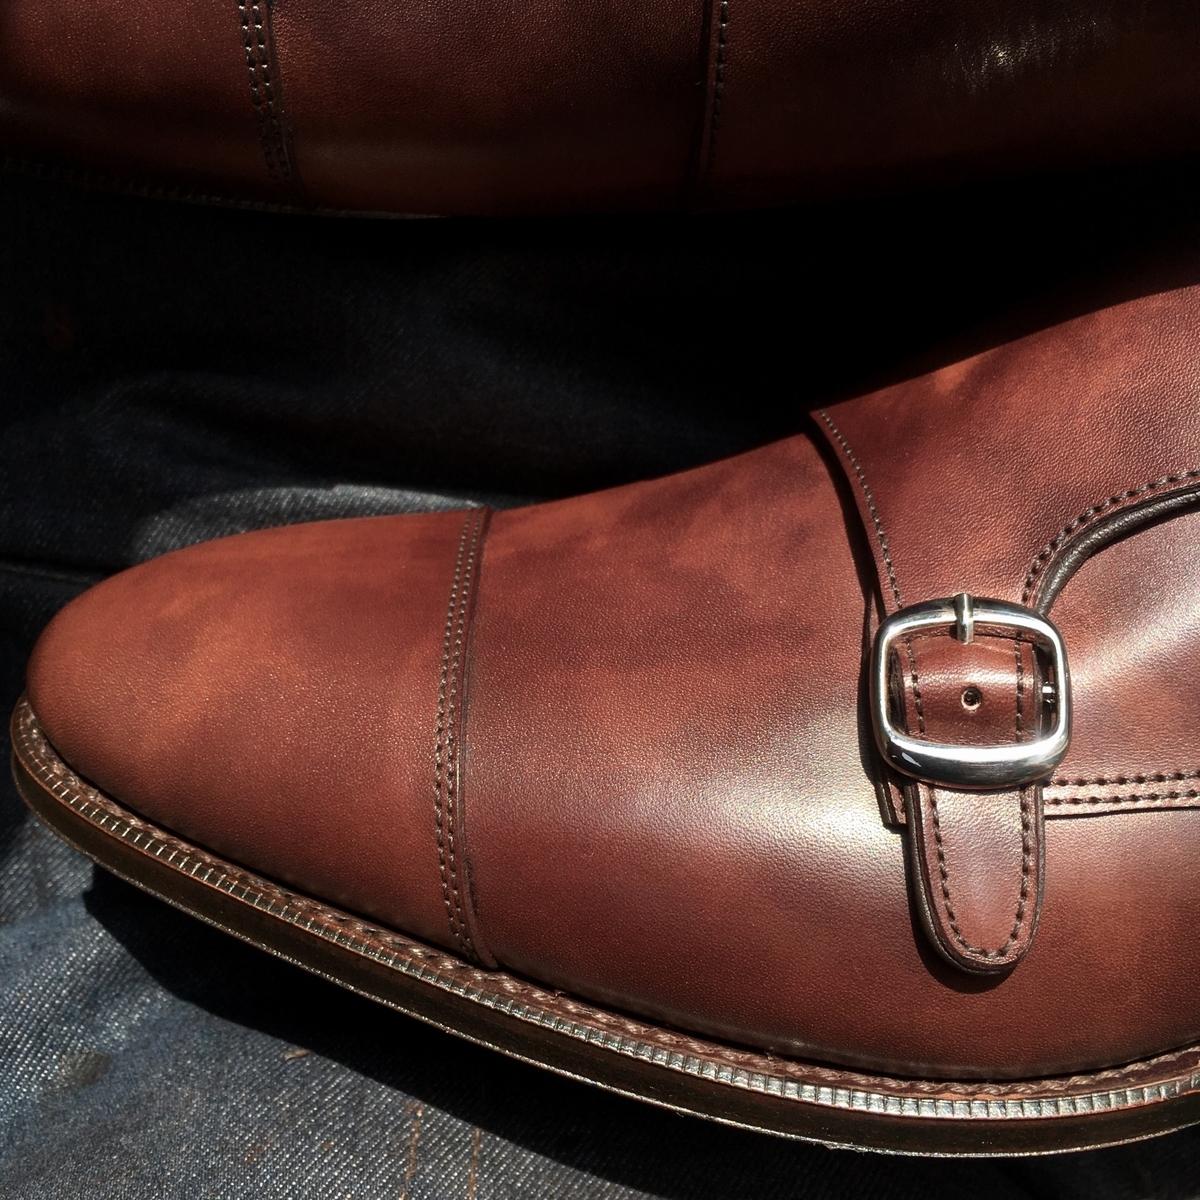 f:id:raymar-shoes:20190705003323j:plain